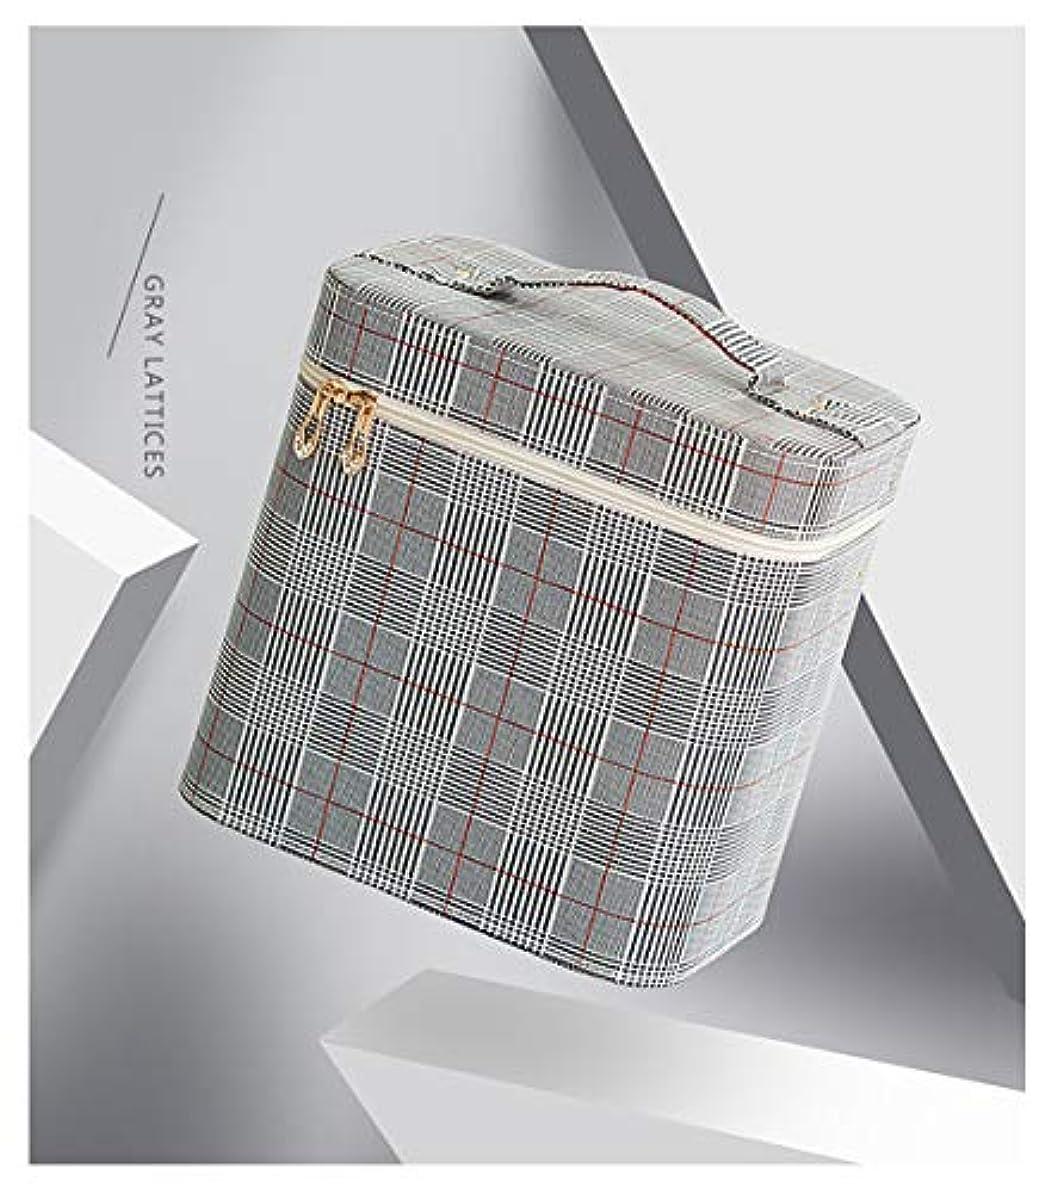 接続警察署少ないSZTulip コスメボックス メイクボックス 大容量メイクケース 化粧品収納ケース 小物入れ 鏡付き 化粧箱 (グレー+レッドチェック)